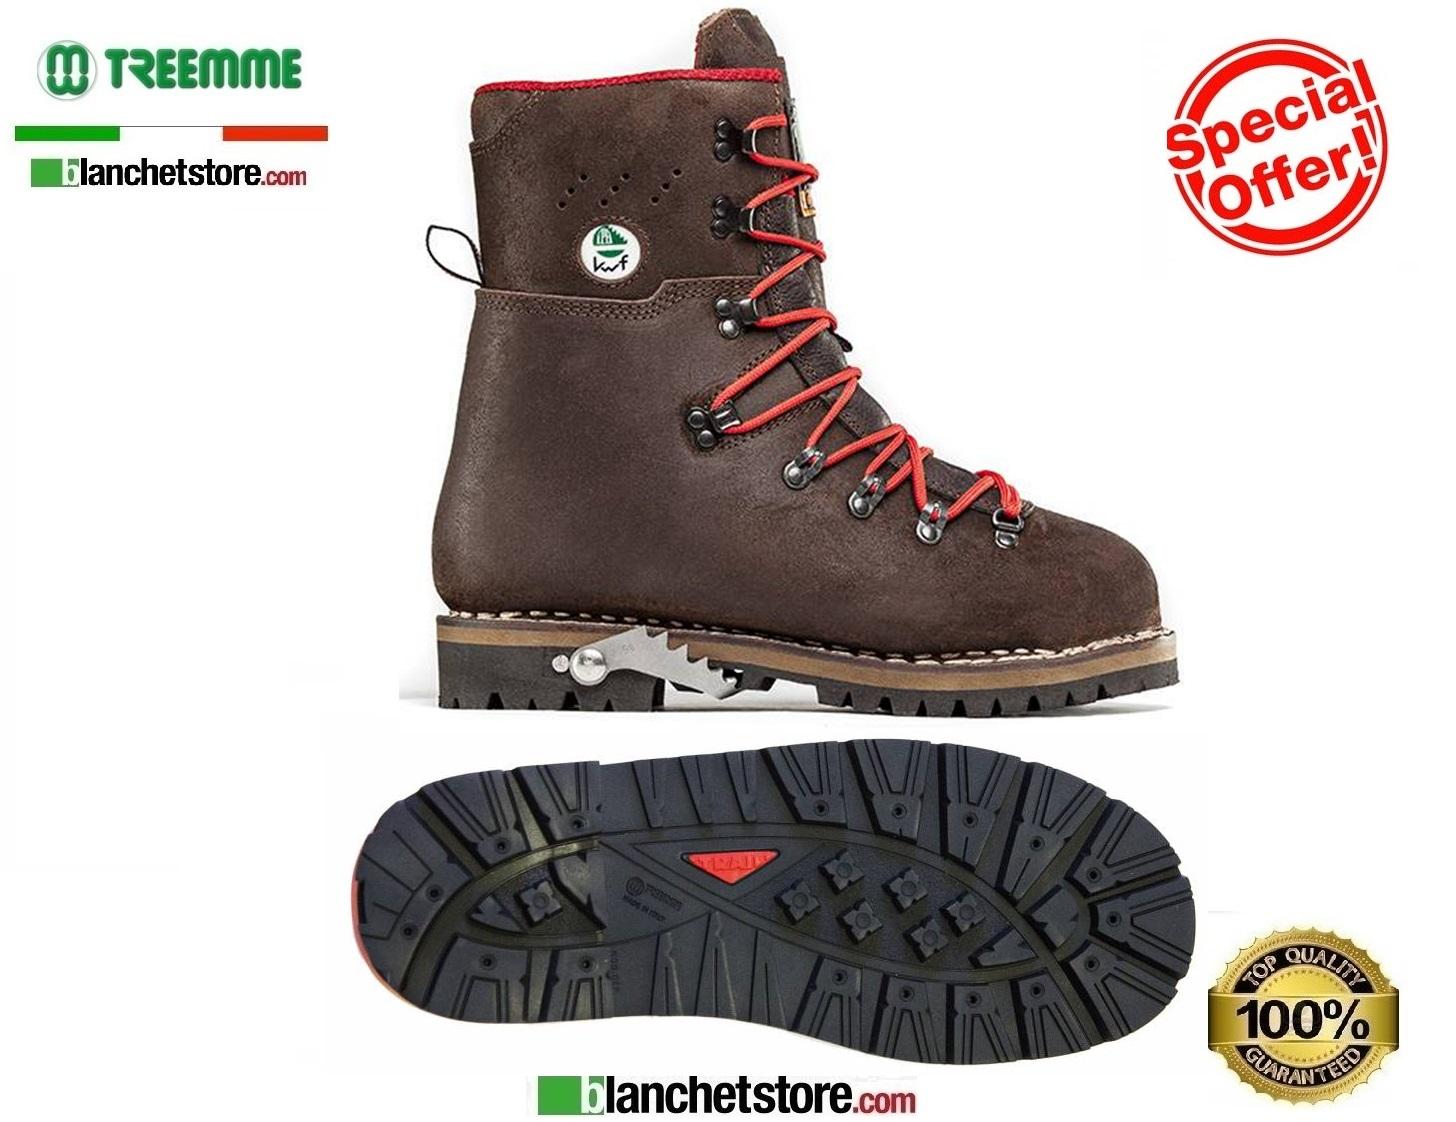 new product fe4f6 7b314 Stivali antitaglio treemme : BlanchetStore.com, Il miglior ...